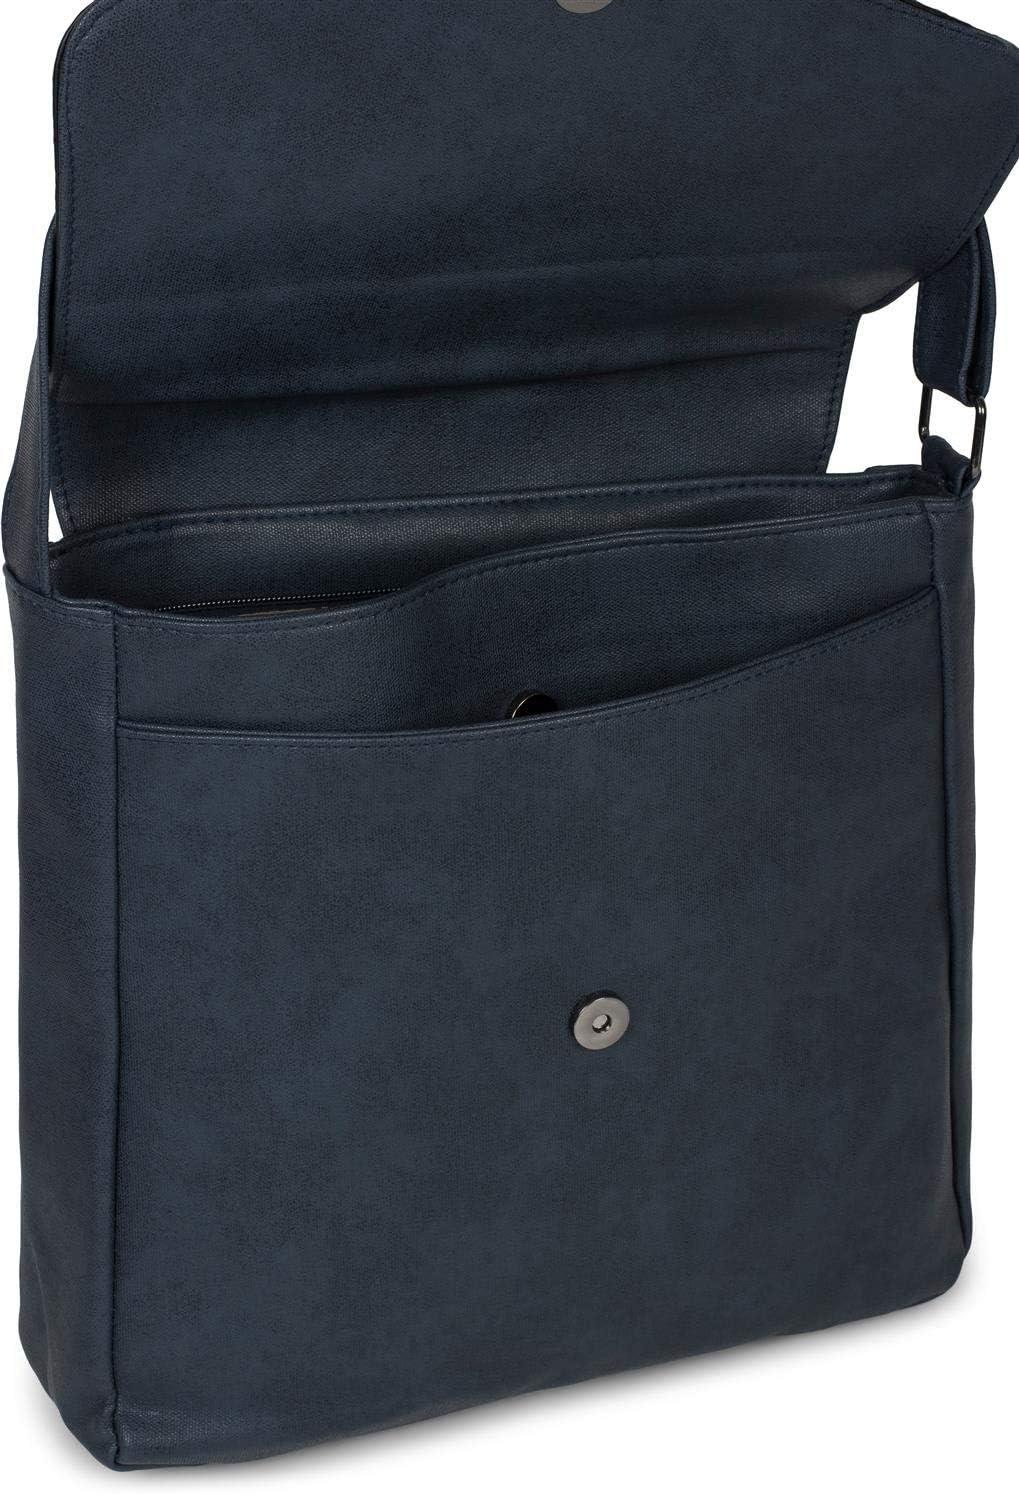 Bolso Cruzado Bolso 02012294 styleBREAKER Bolsa de Mensajero//Bolso de Bandolera de Mujer con Solapa de Lentejuelas Color:Azul Oscuro Bolso de Hombro